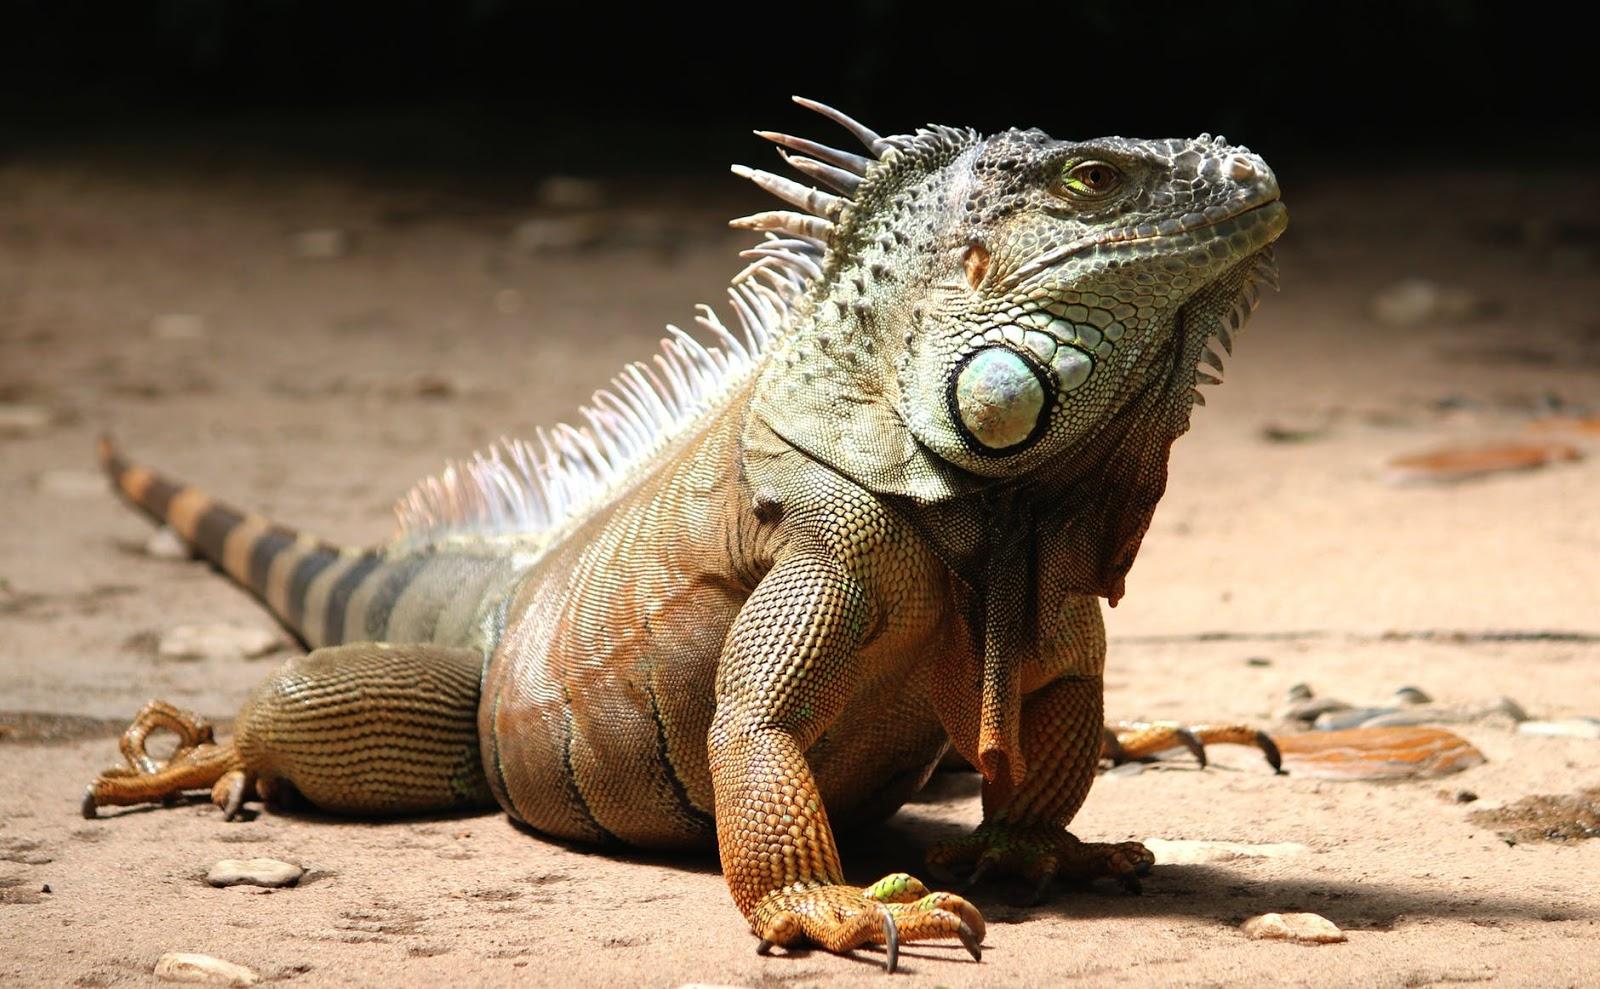 lizard in sand